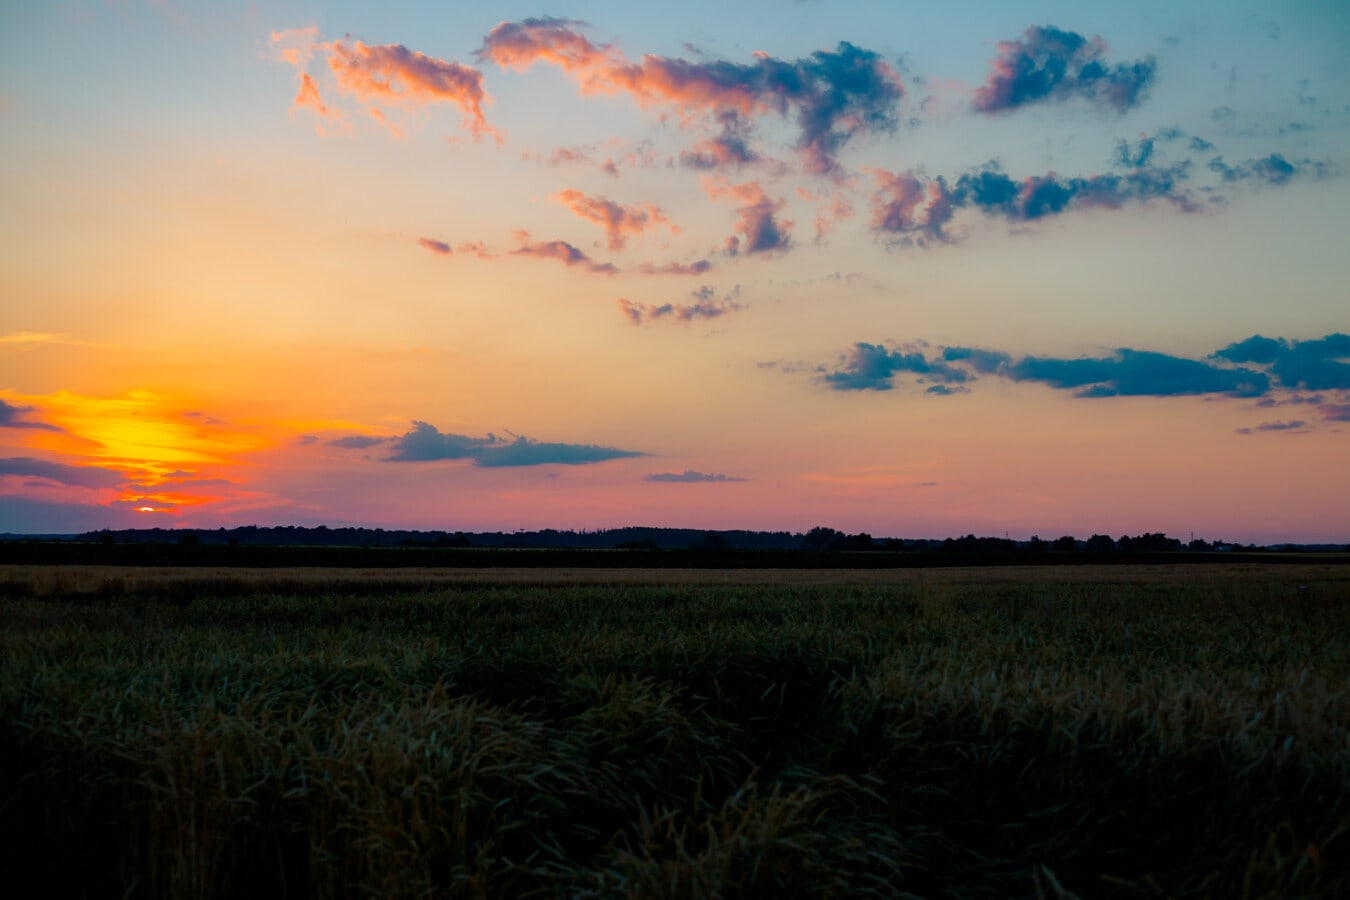 Feld, Dämmerung, Sonnenuntergang, Landwirtschaft, Sonne, Atmosphäre, des ländlichen Raums, Wolke, Dämmerung, Landschaft